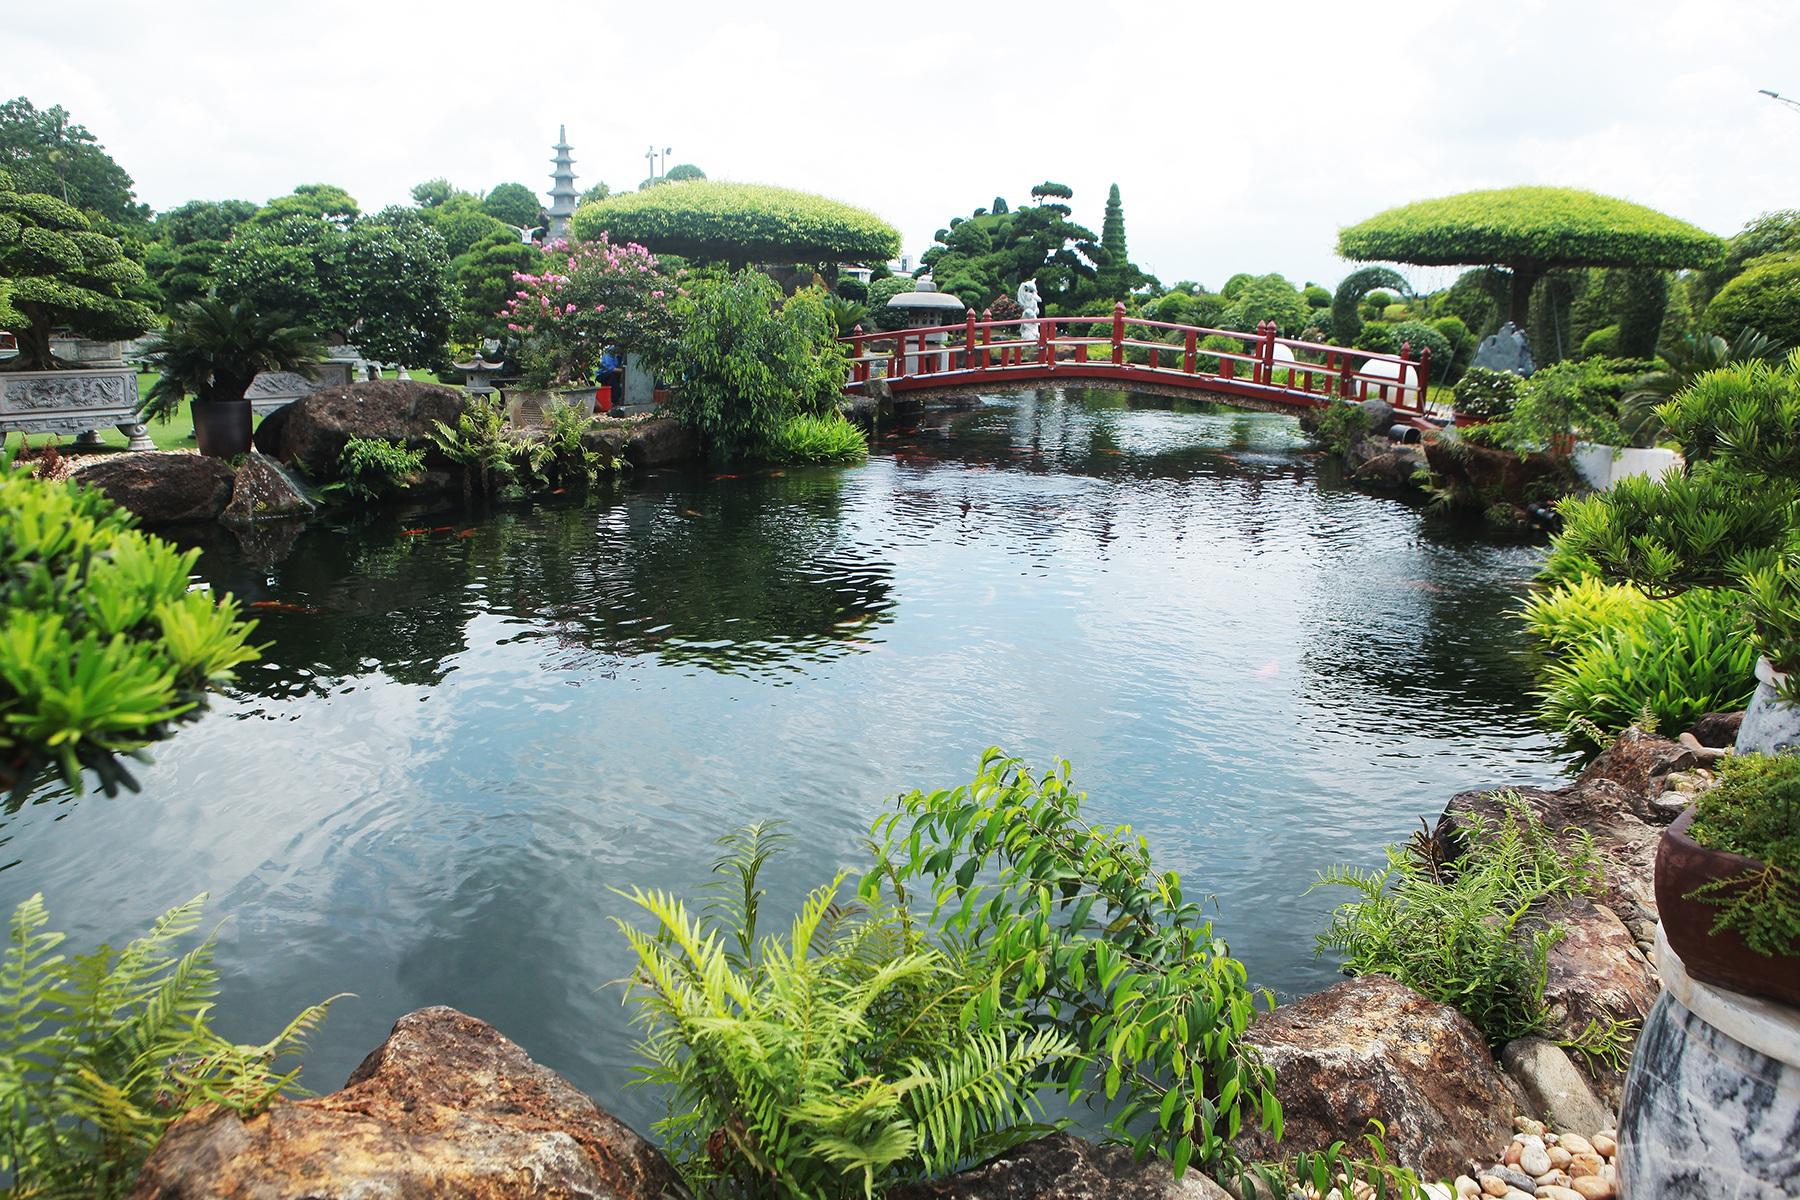 """Đại gia làm hồ cá Koi, đồi nhân tạo bằng 100 tấn """"đá bán quý"""" - 1"""